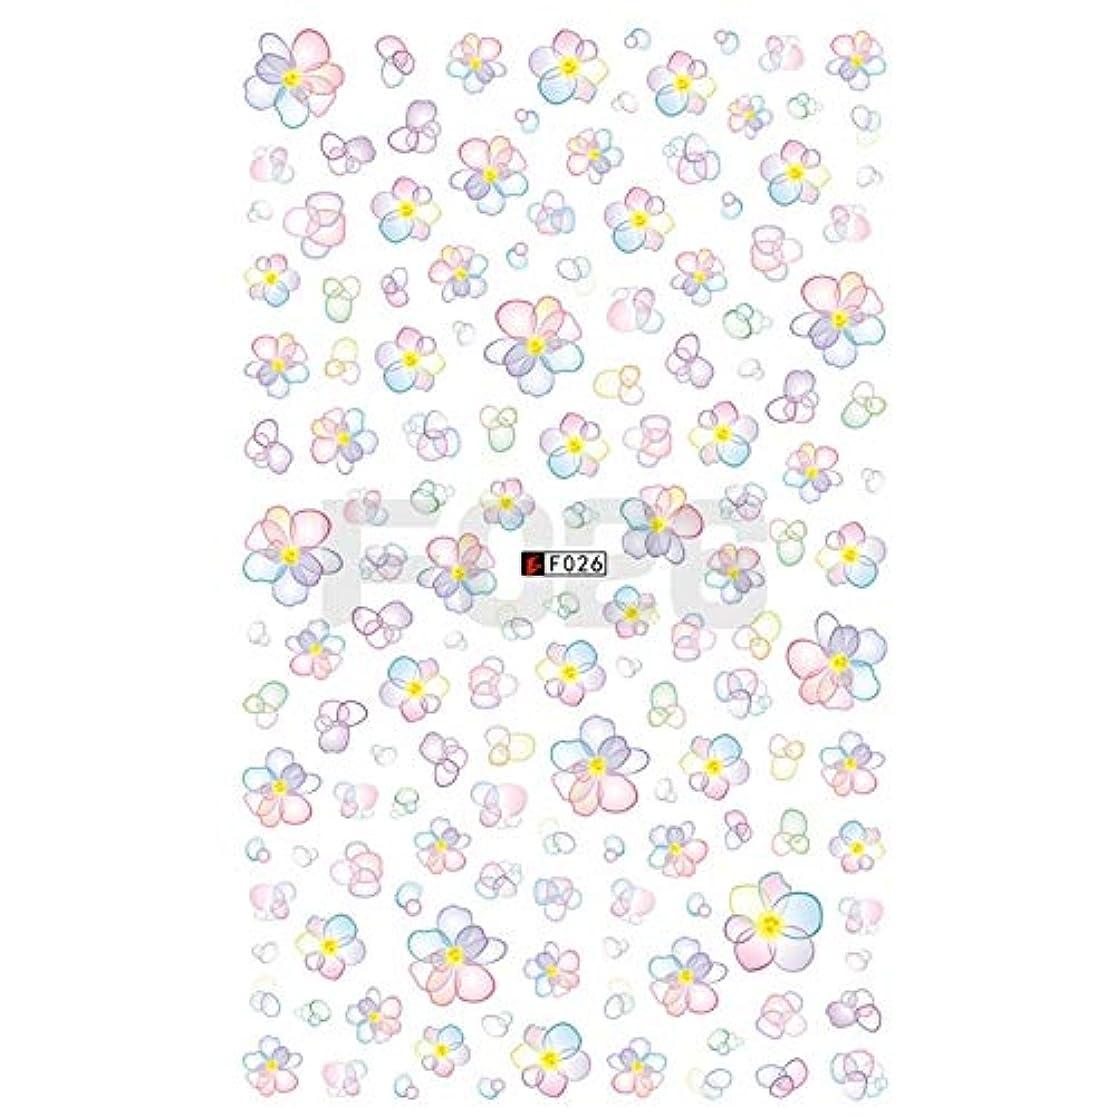 韓国語ピルコンベンションMEI1JIA CELINEZL 3 PCS 3Dネイルステッカー咲く花3Dネイルアートステッカーデカール(F199) (色 : F026)